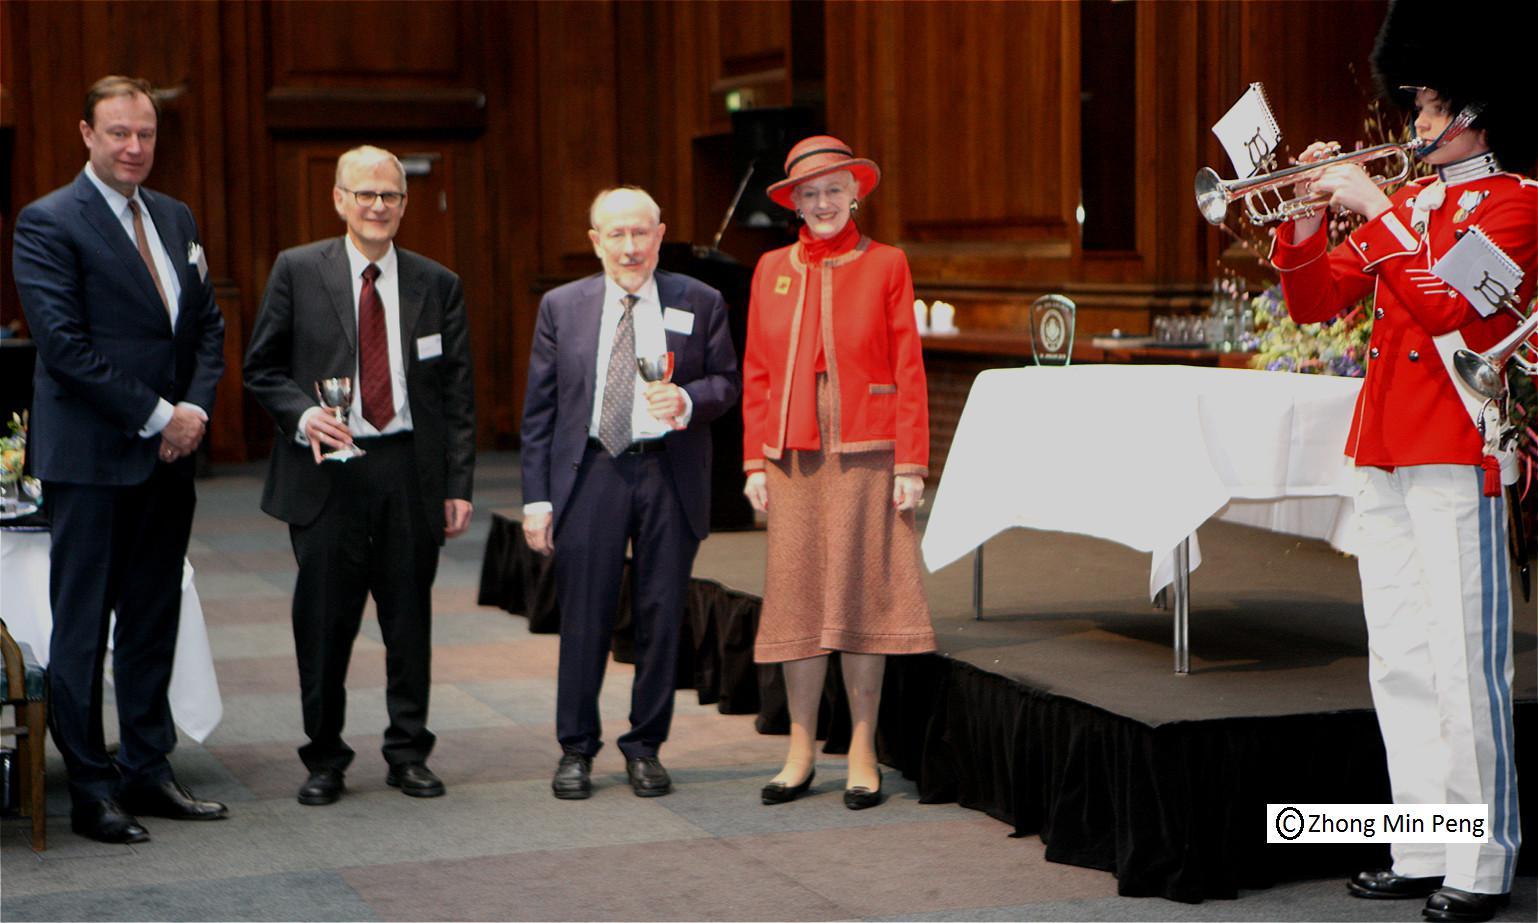 Dronningen ses sammen med Professor ved KU og Formand DKDL